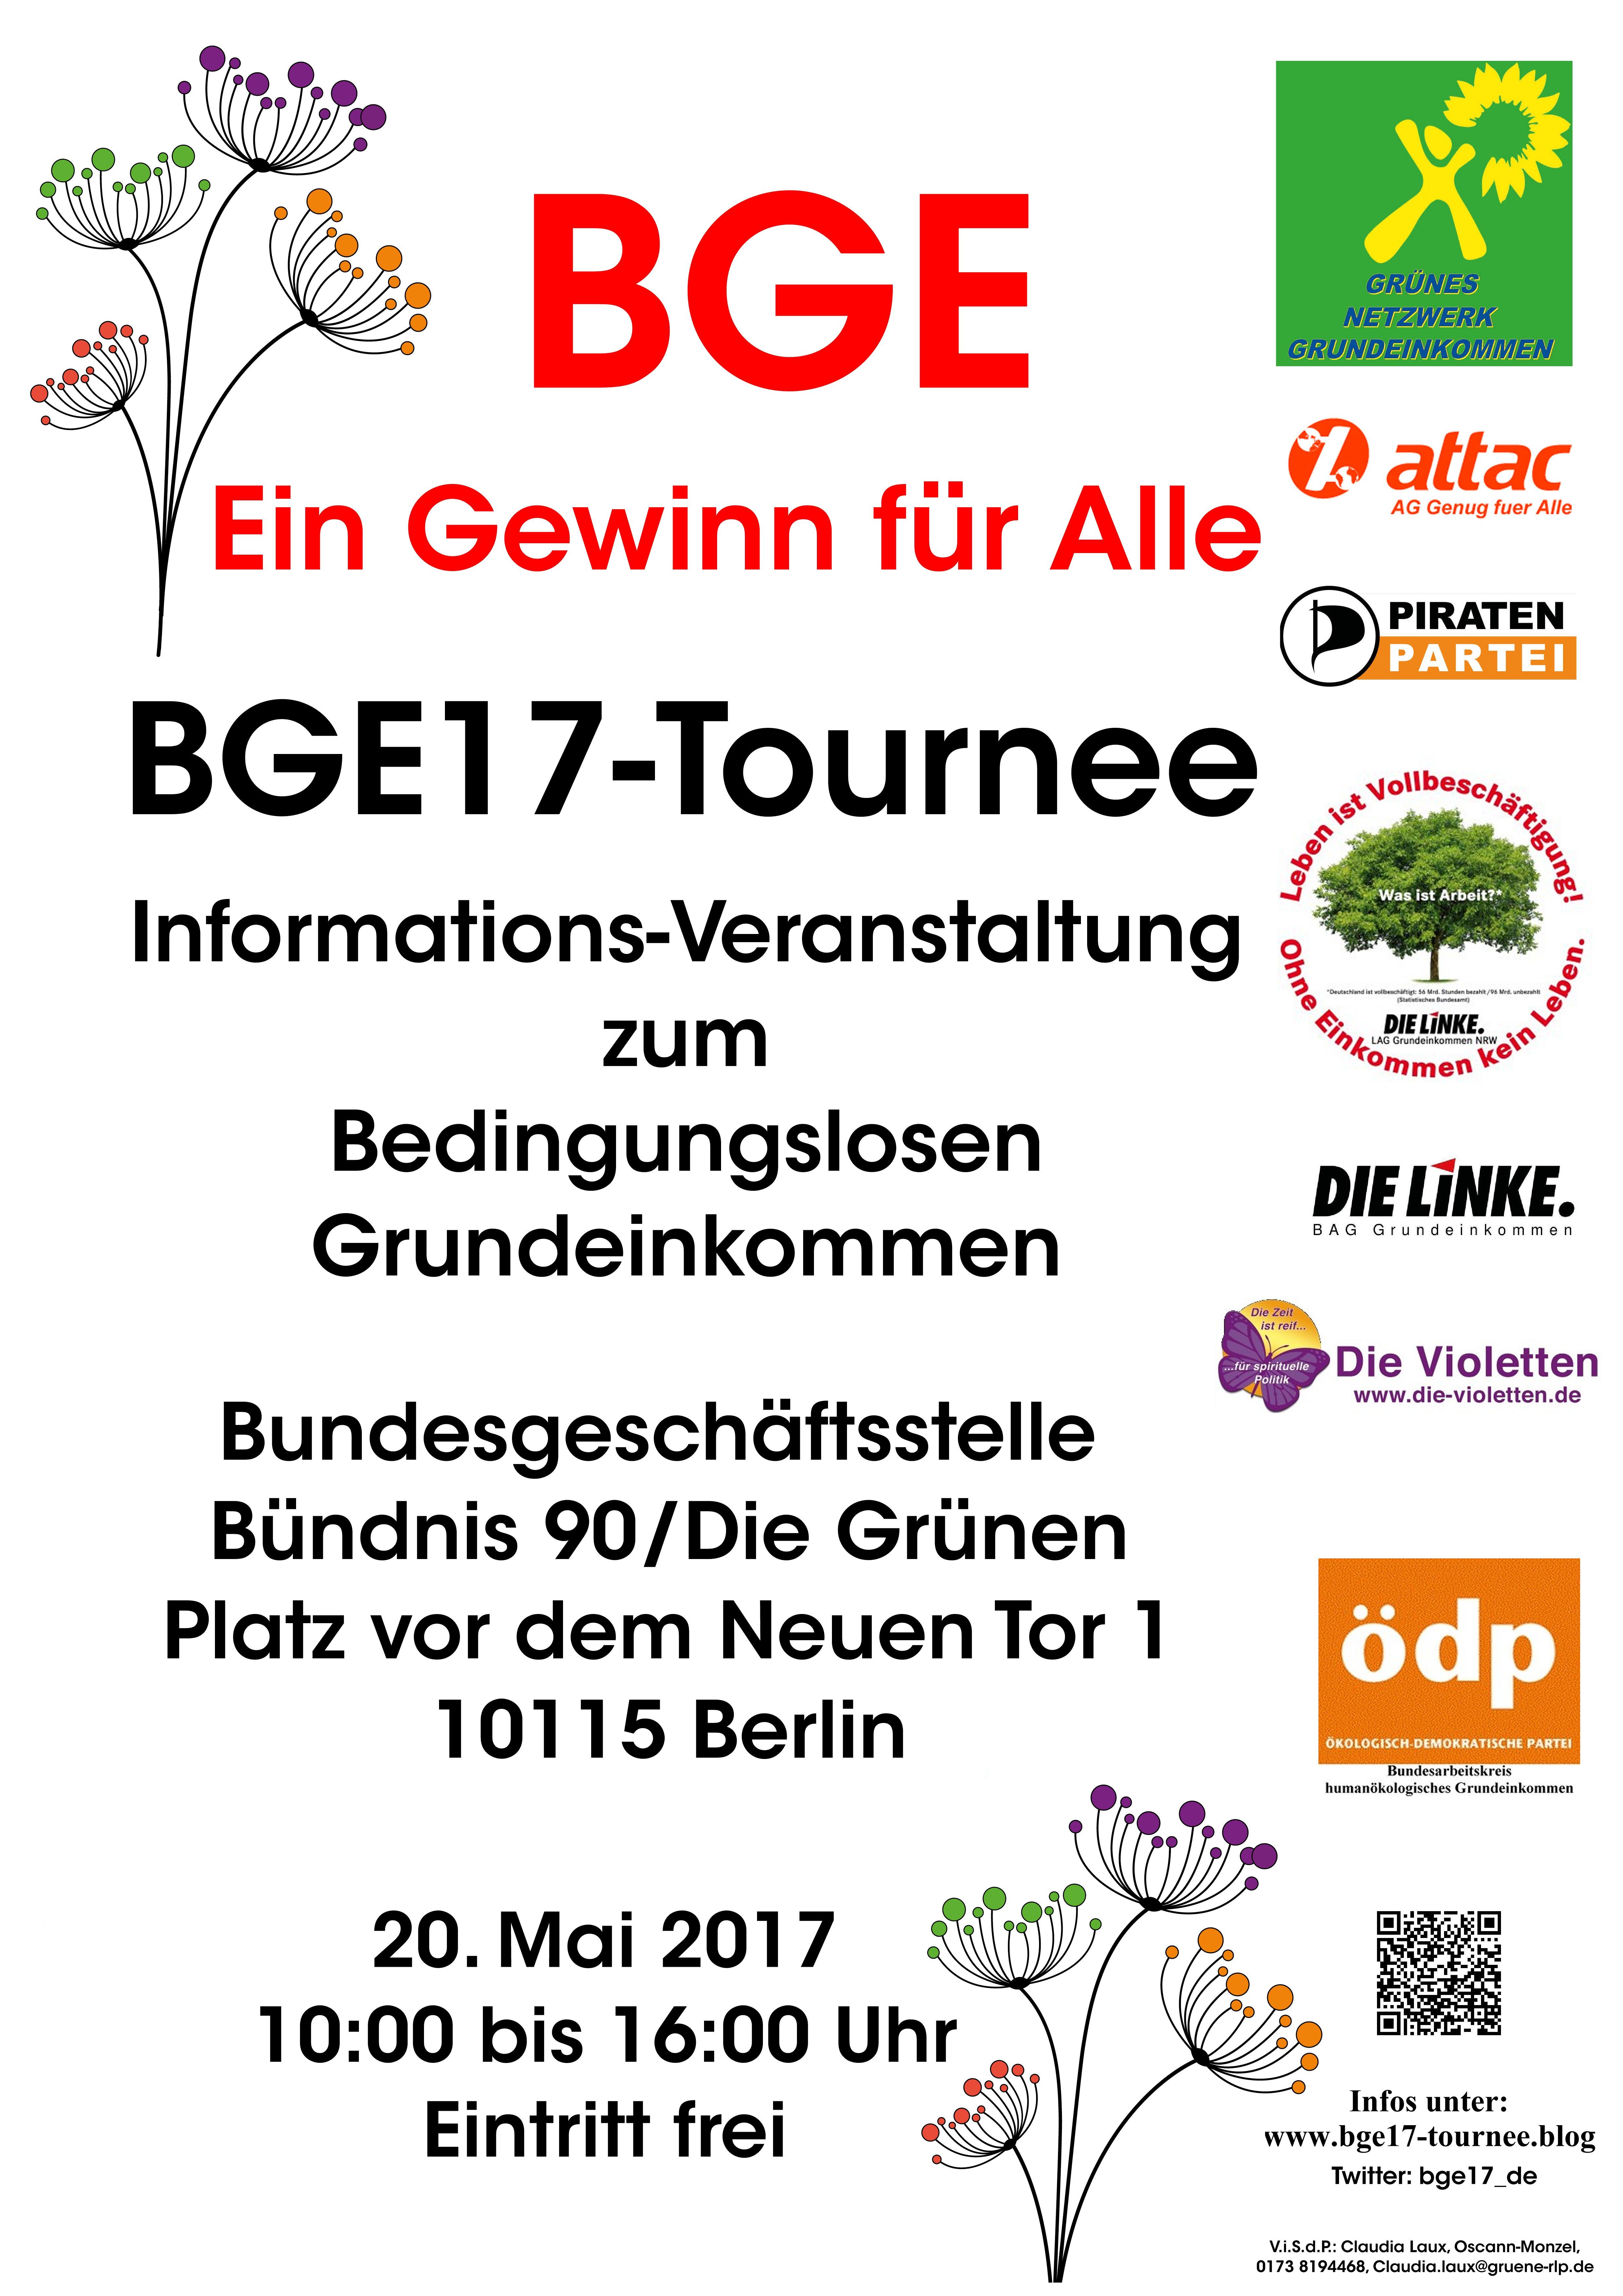 BGE17-Tournee: Zwischenbilanz der Kampagne